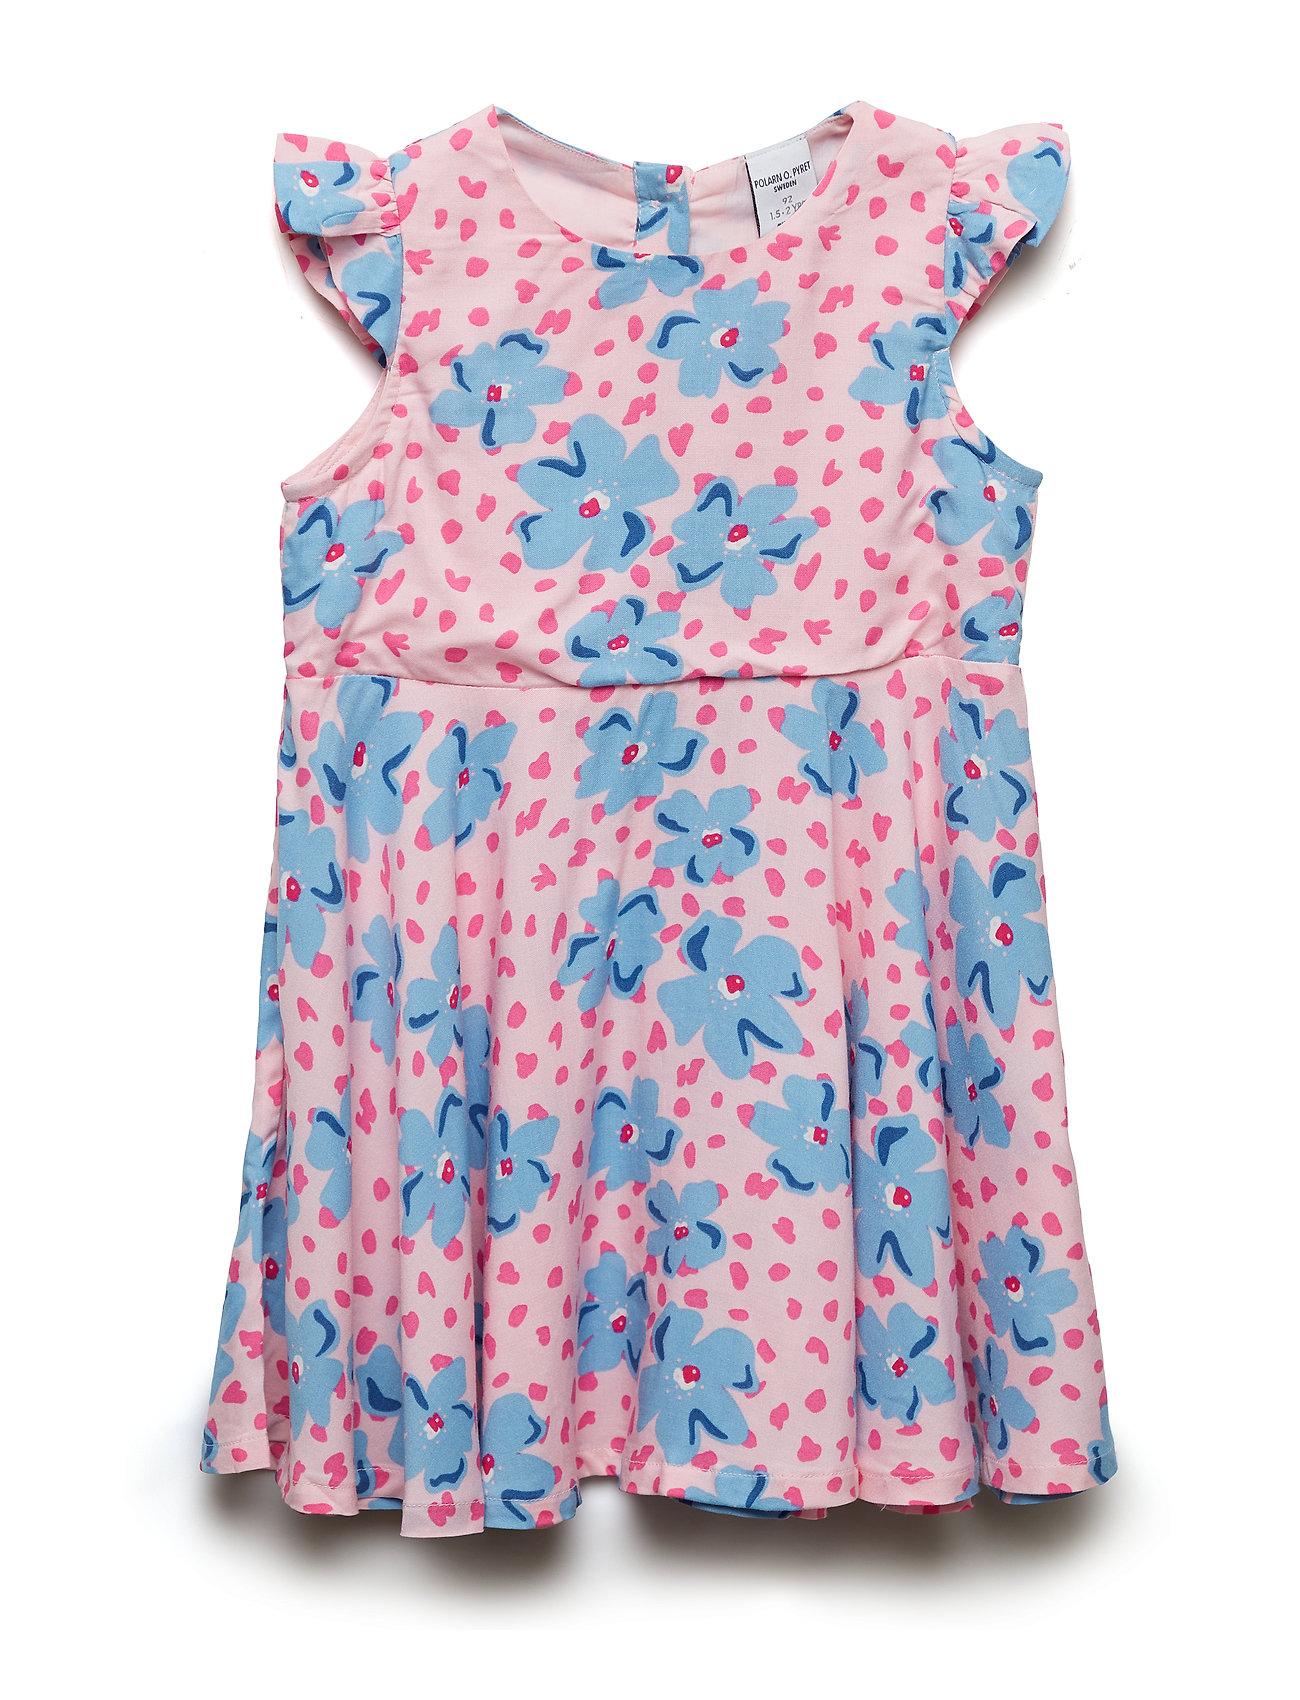 Polarn O. Pyret Dress Woven Preschool